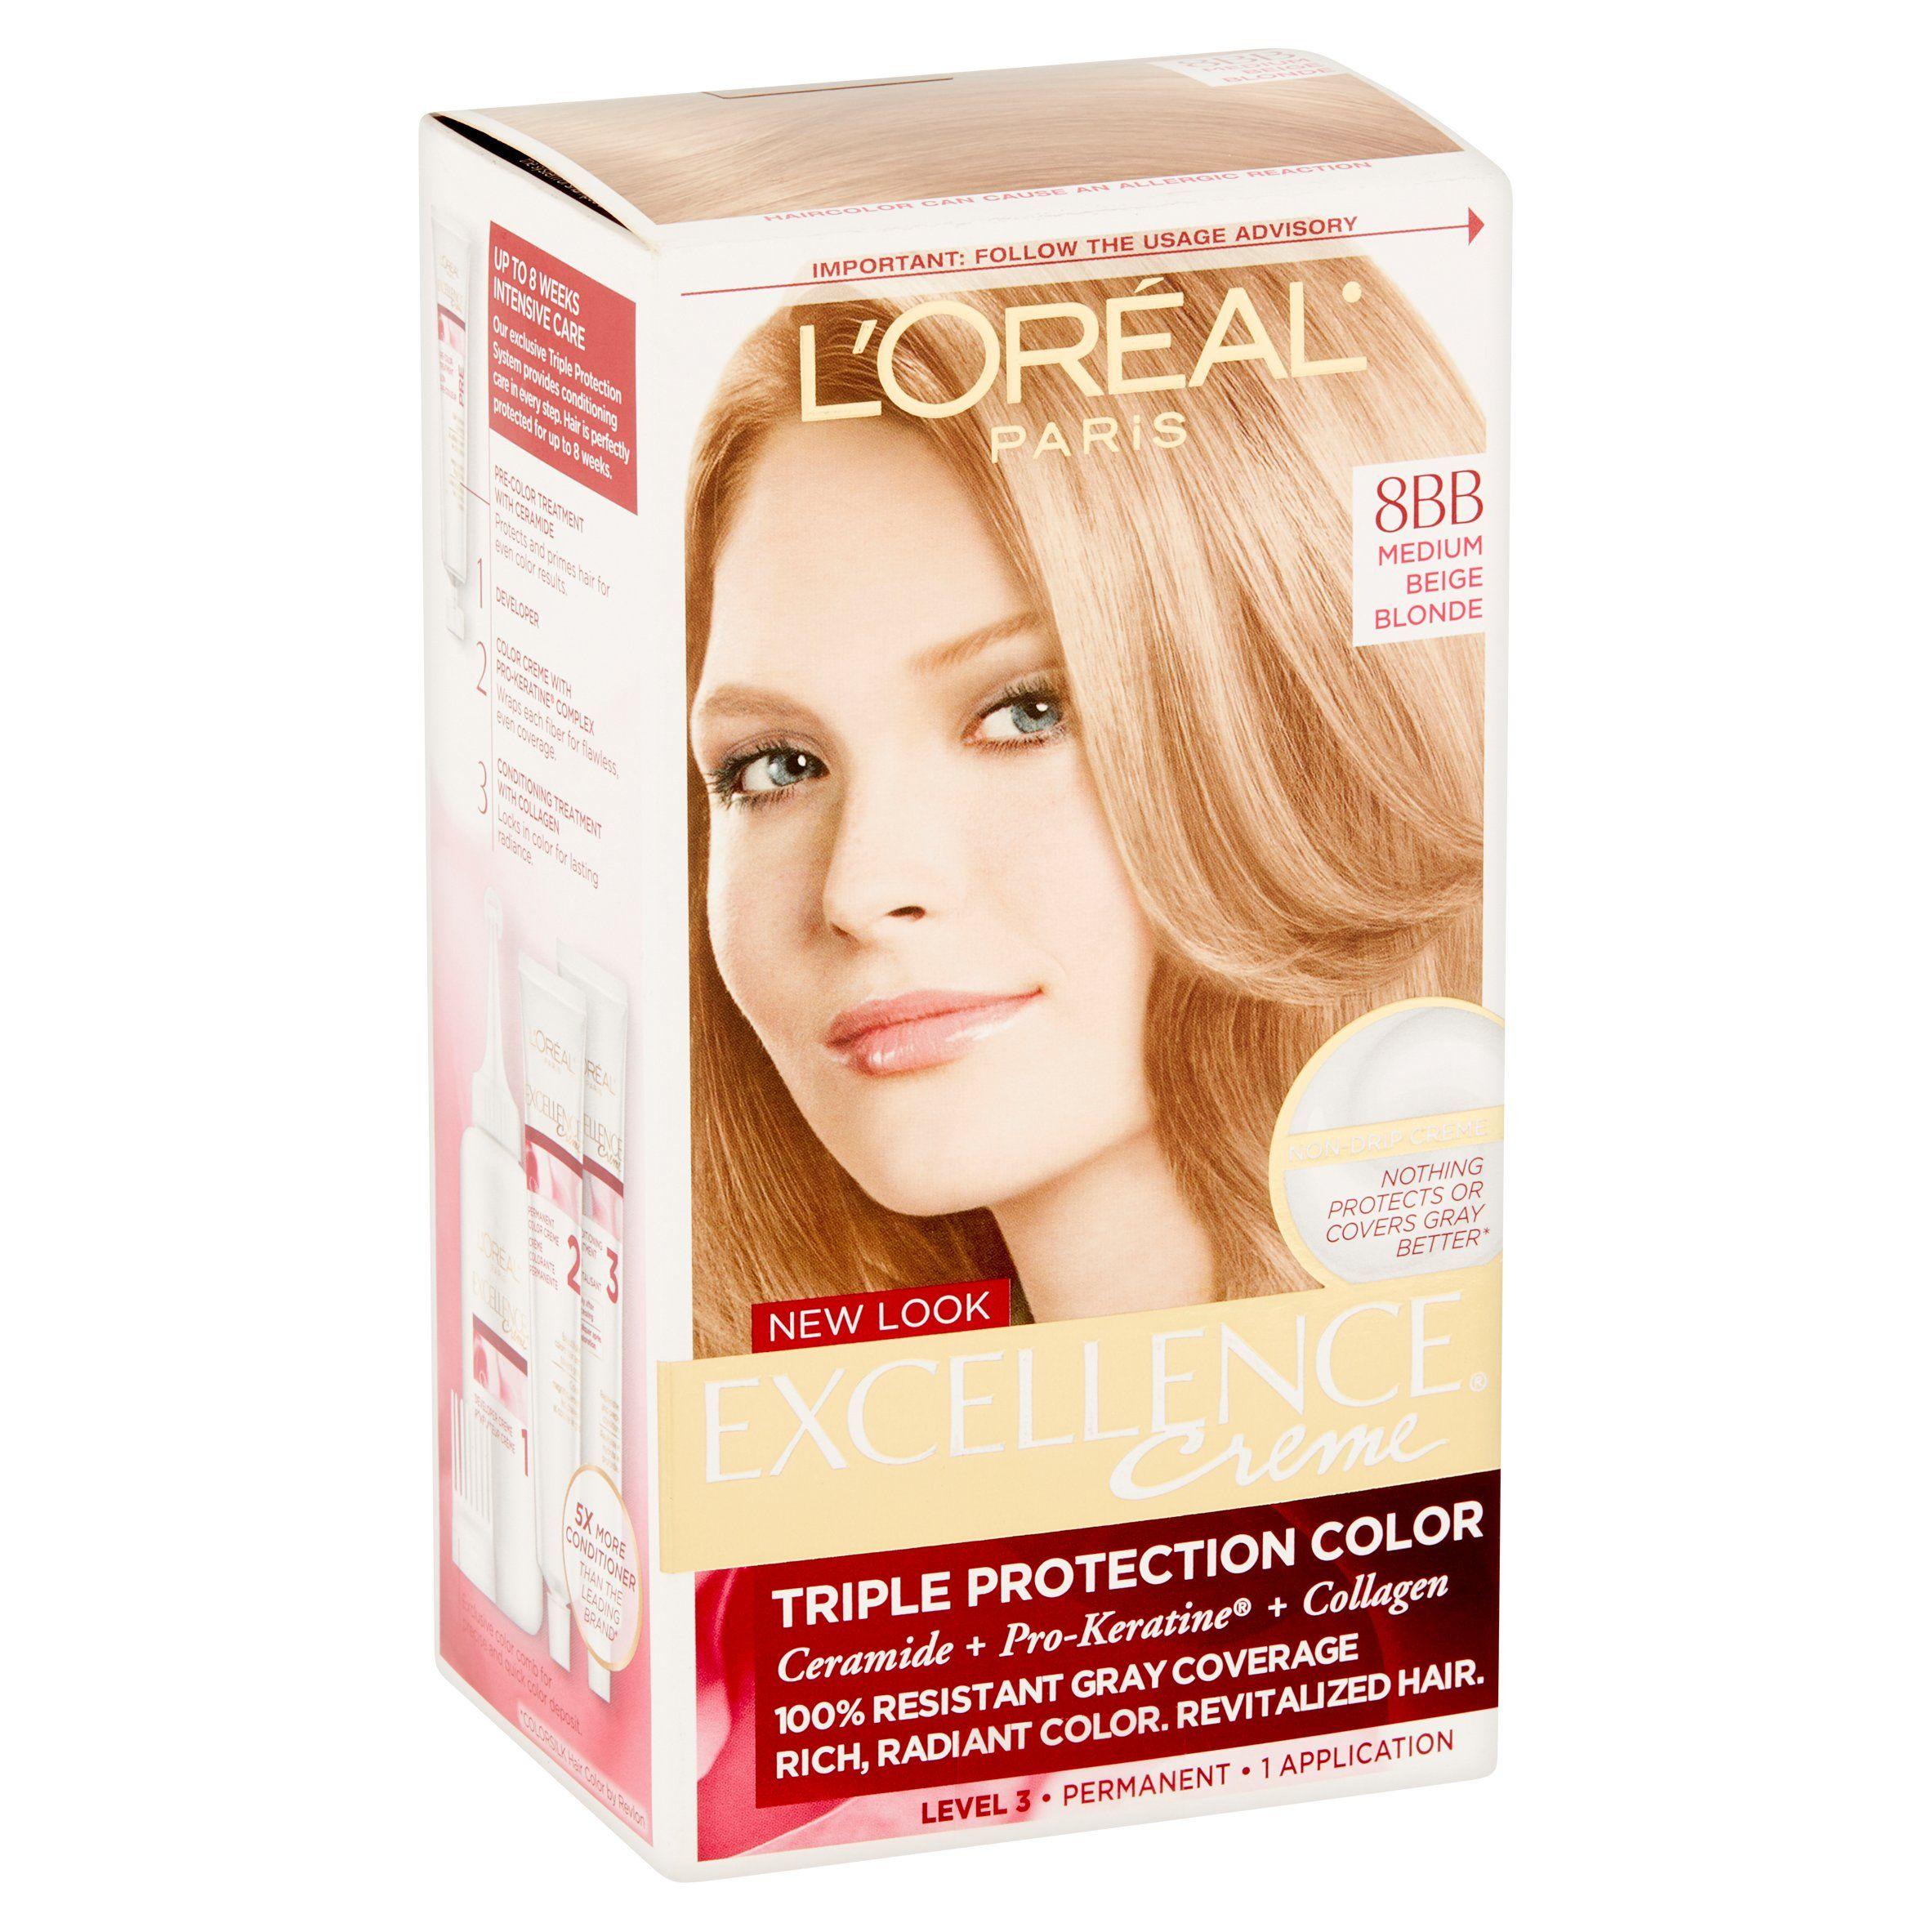 L Oreal Paris Excellence Creme Paris Oreal Creme Loreal Paris Permanent Hair Color Loreal